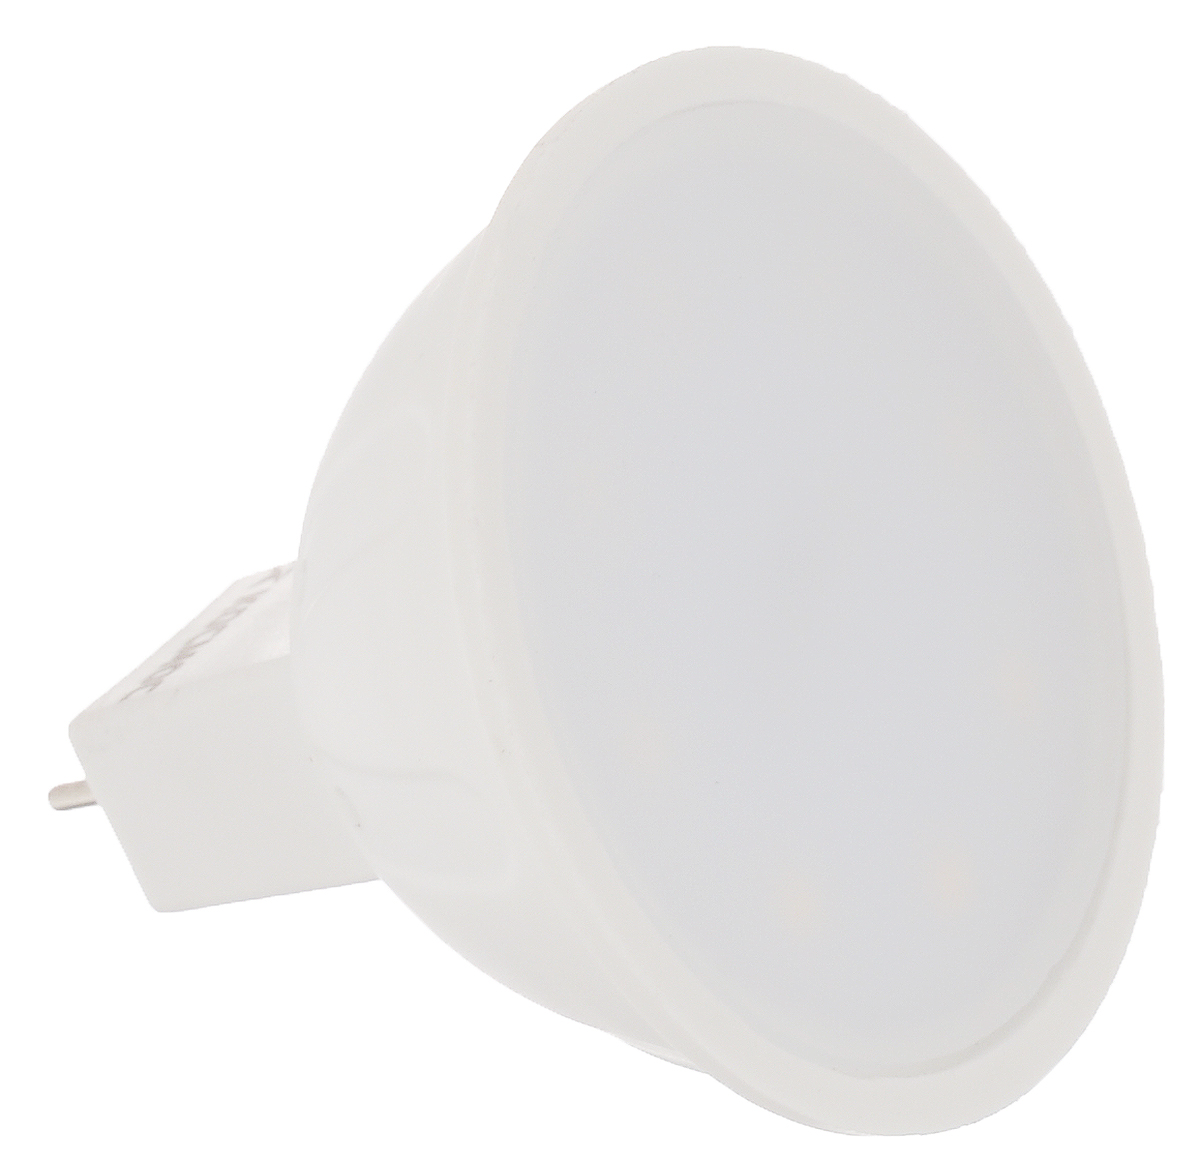 Светодиодная лампа Kosmos, белый свет, цоколь GU5.3, 5WLksm_LED5wJCDRC45Энергосберегающая лампа Kosmos - это инновационное решение, разработанное на основе новейших светодиодных технологий (LED) для эффективной замены любых видов галогенных или обыкновенных ламп накаливания во всех типах осветительных приборов. Она хорошо подойдет для создания рабочей атмосферыв производственных и общественных зданиях, спортивных и торговых залах, в офисах и учреждениях. Лампа не содержит ртути и других вредных веществ, экологически безопасна и не требует утилизации, не выделяет при работе ультрафиолетовое и инфракрасное излучение. Исполнена в пластиковом корпусе. Оснащена рефлекторным рассеивателем.Напряжение: 220-240 В. Использовать при температуре: от -40° до +50°.